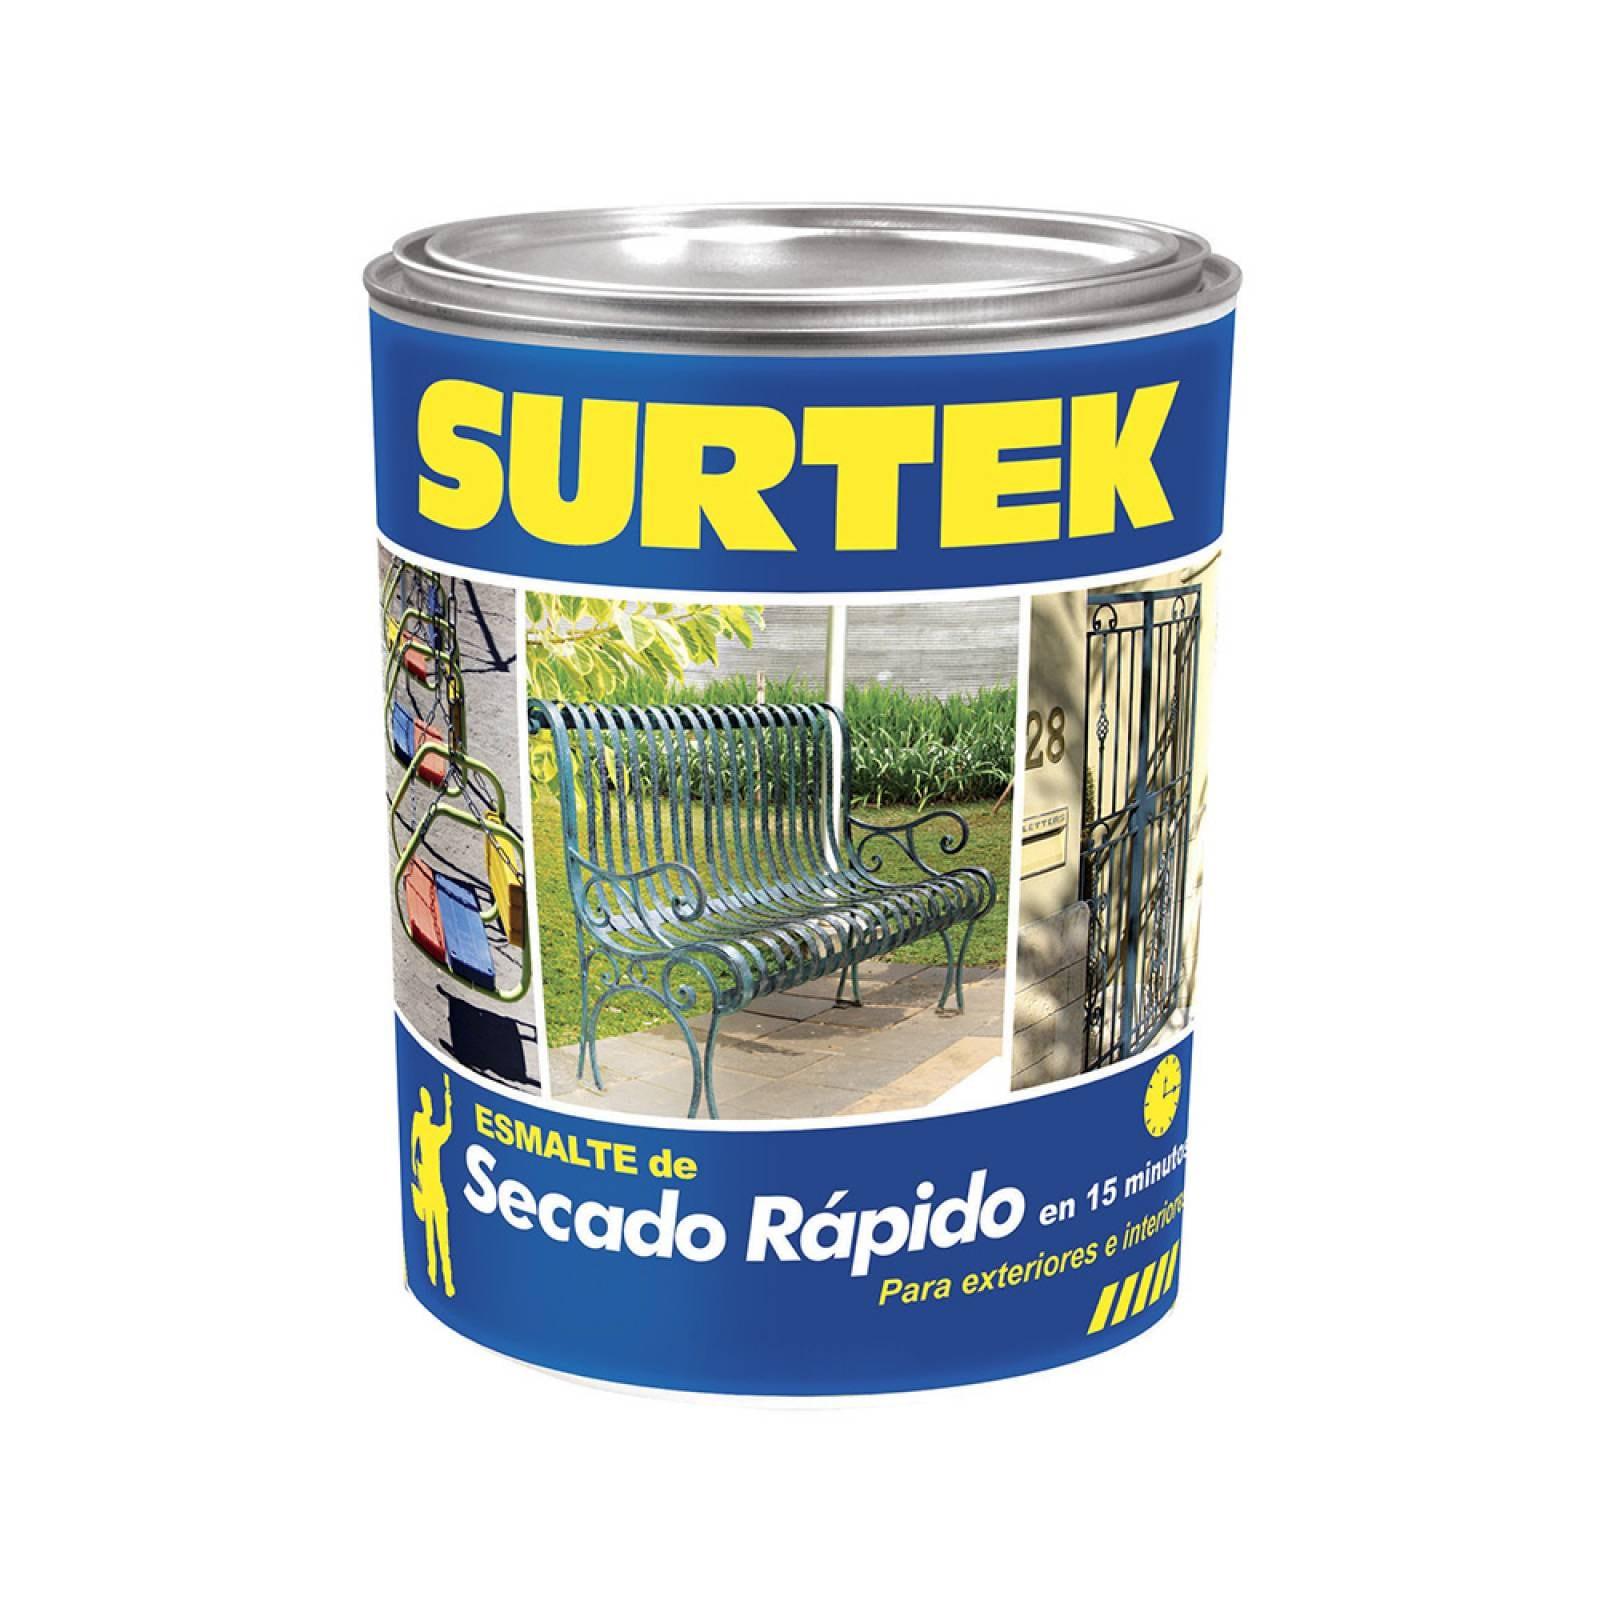 Esmalte de secado rápido blanco 250ml SP40100 Surtek